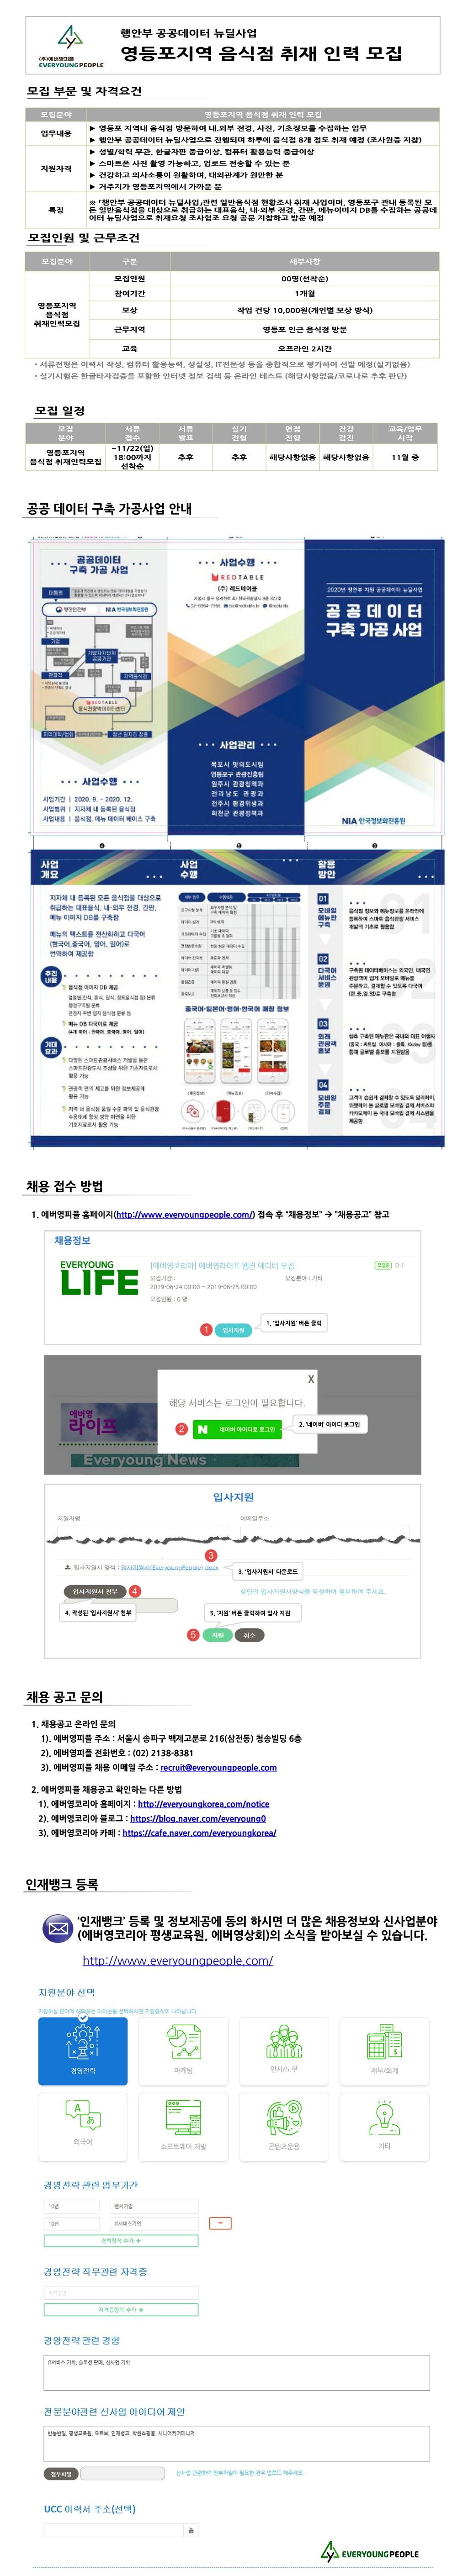 EP-영등포지역음식점취재업무인력모집.jpg